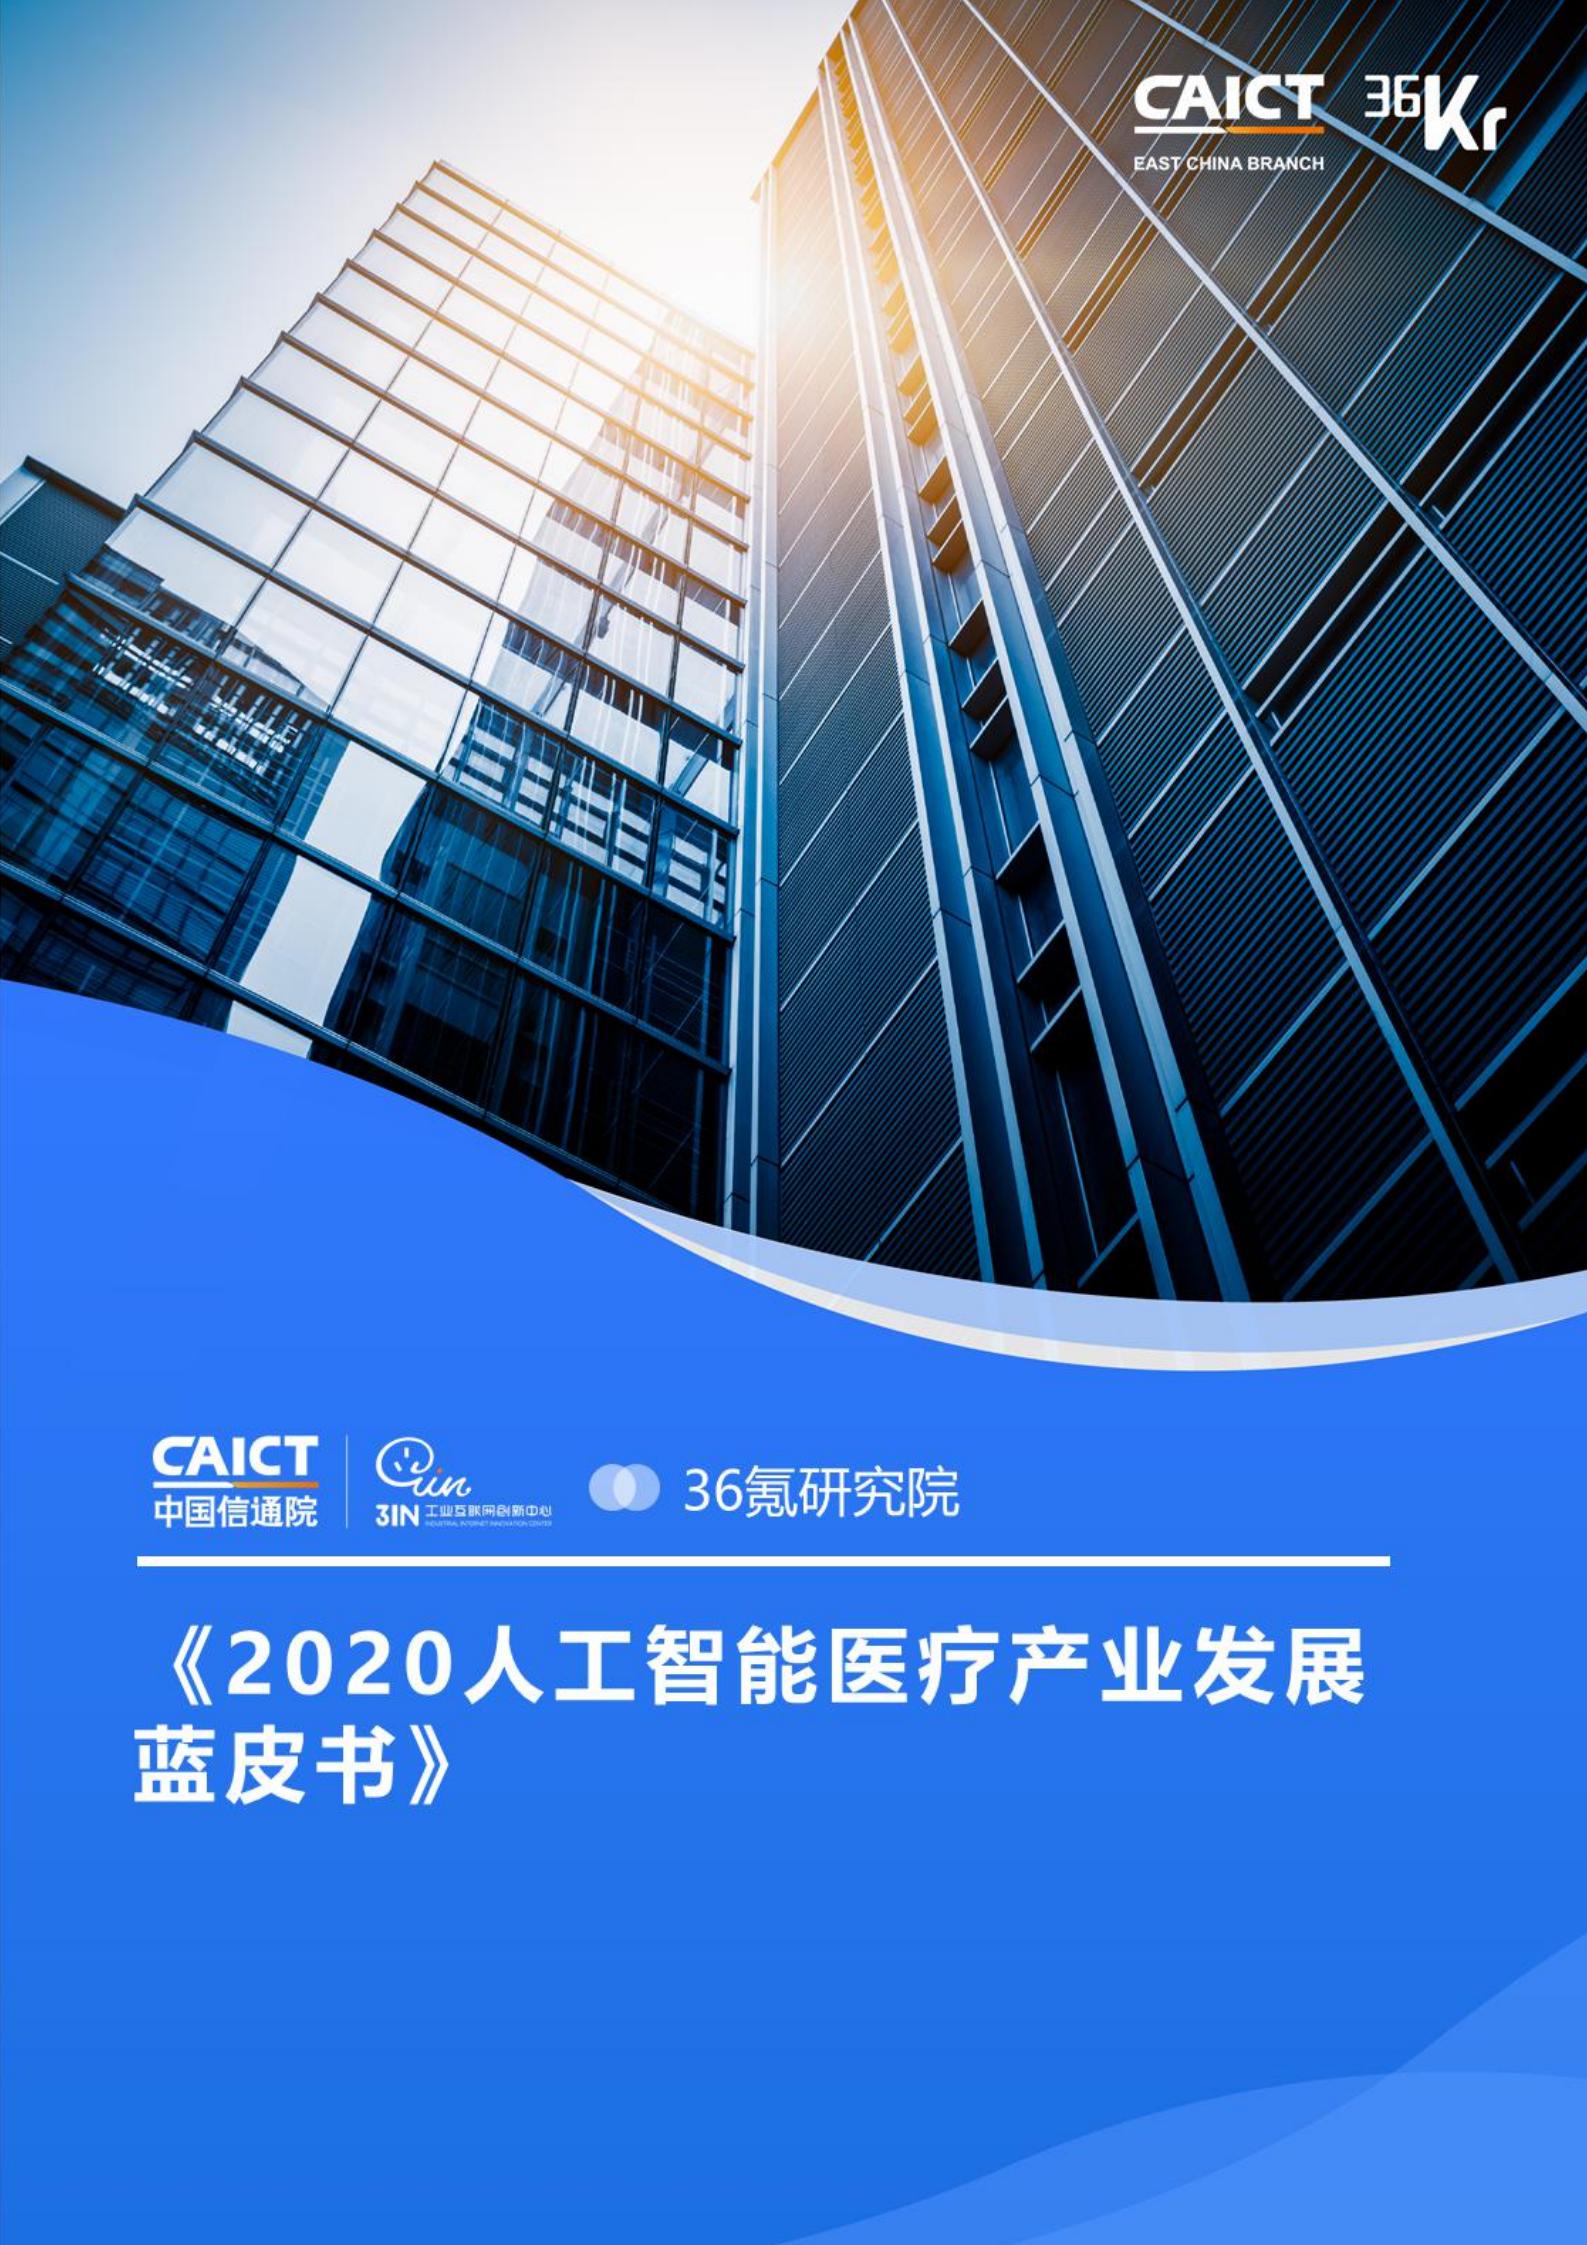 中国信通院联合36氪研究院重磅发布《2020人工智能医疗产业发展蓝皮书》